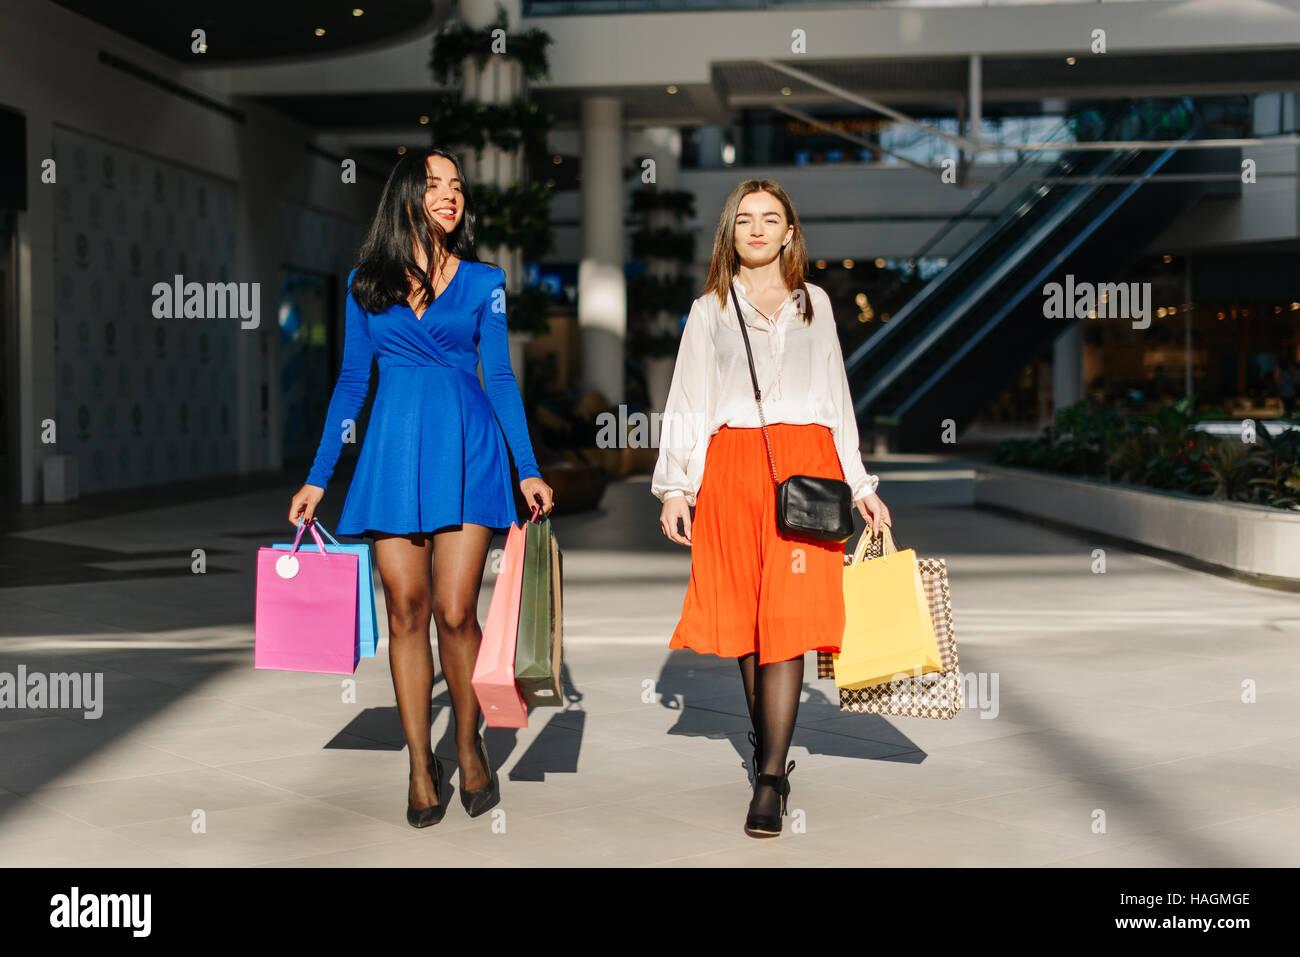 Mall Skirt